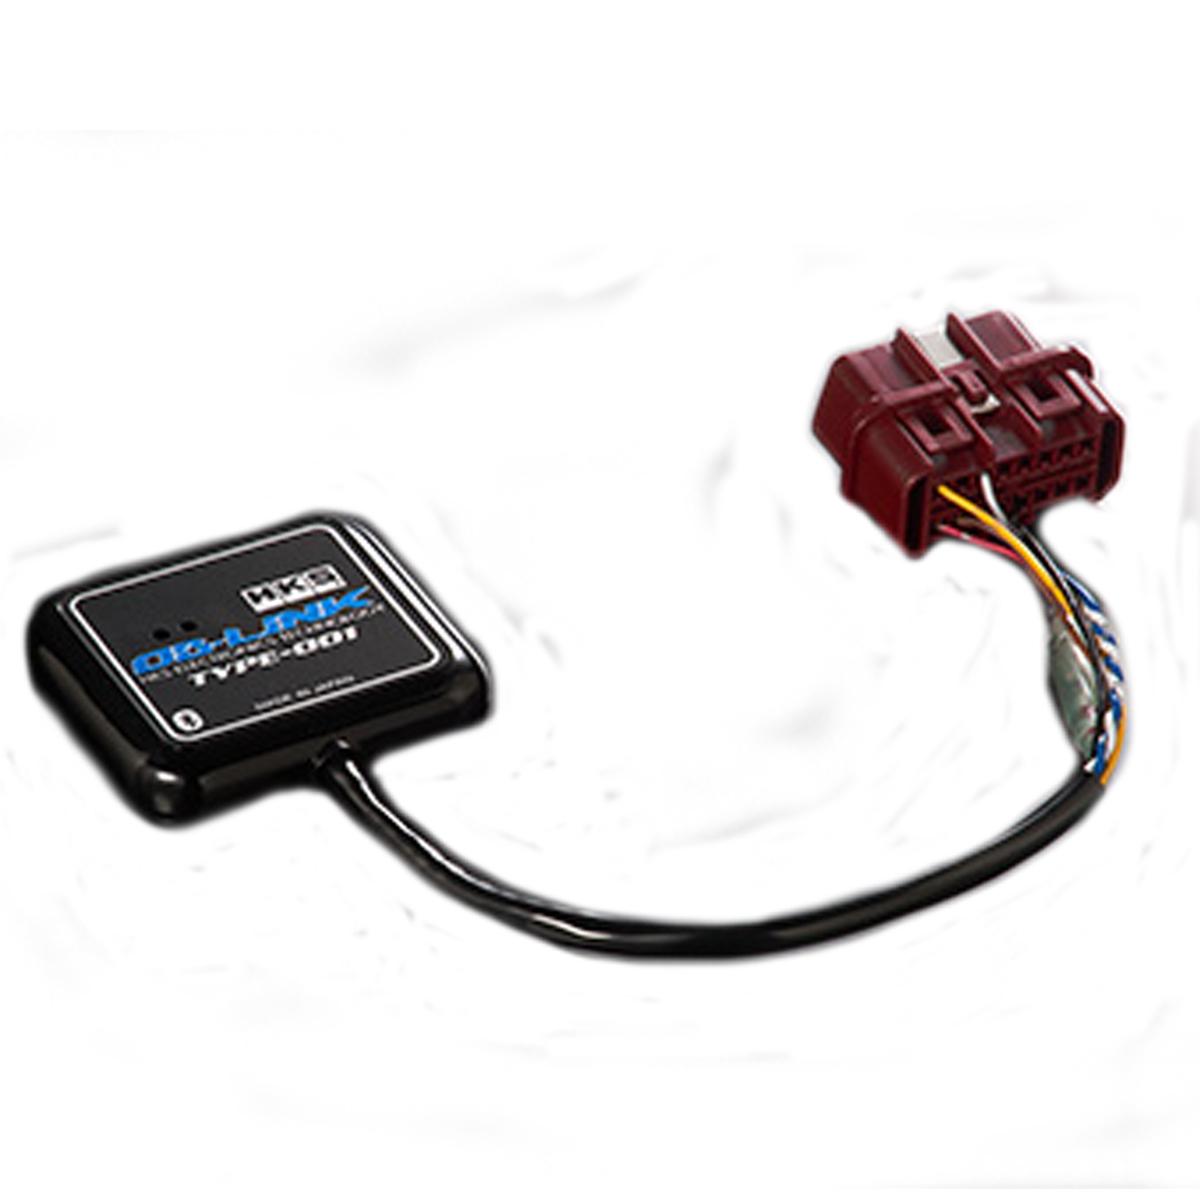 アルト モニター OBリンク タイプ 001 H23S/HA23V HKS 44009-AK002 エレクトリニクス